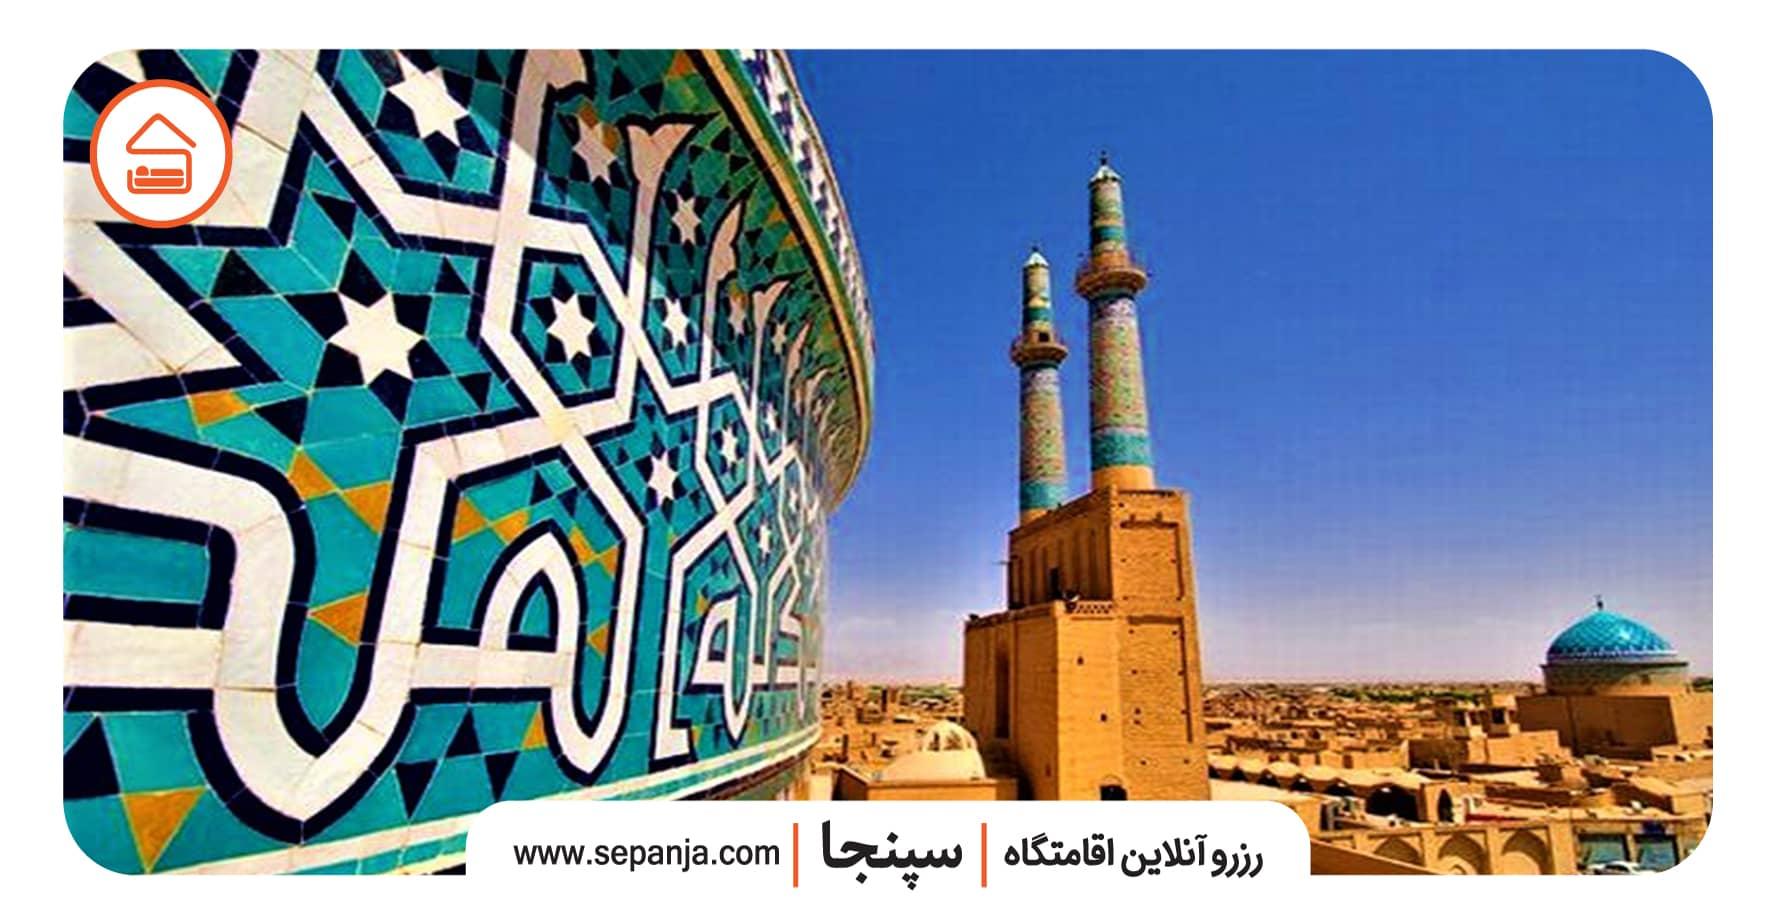 نمایی از مسجد جامع از بهترین جاهای دیدنی یزد